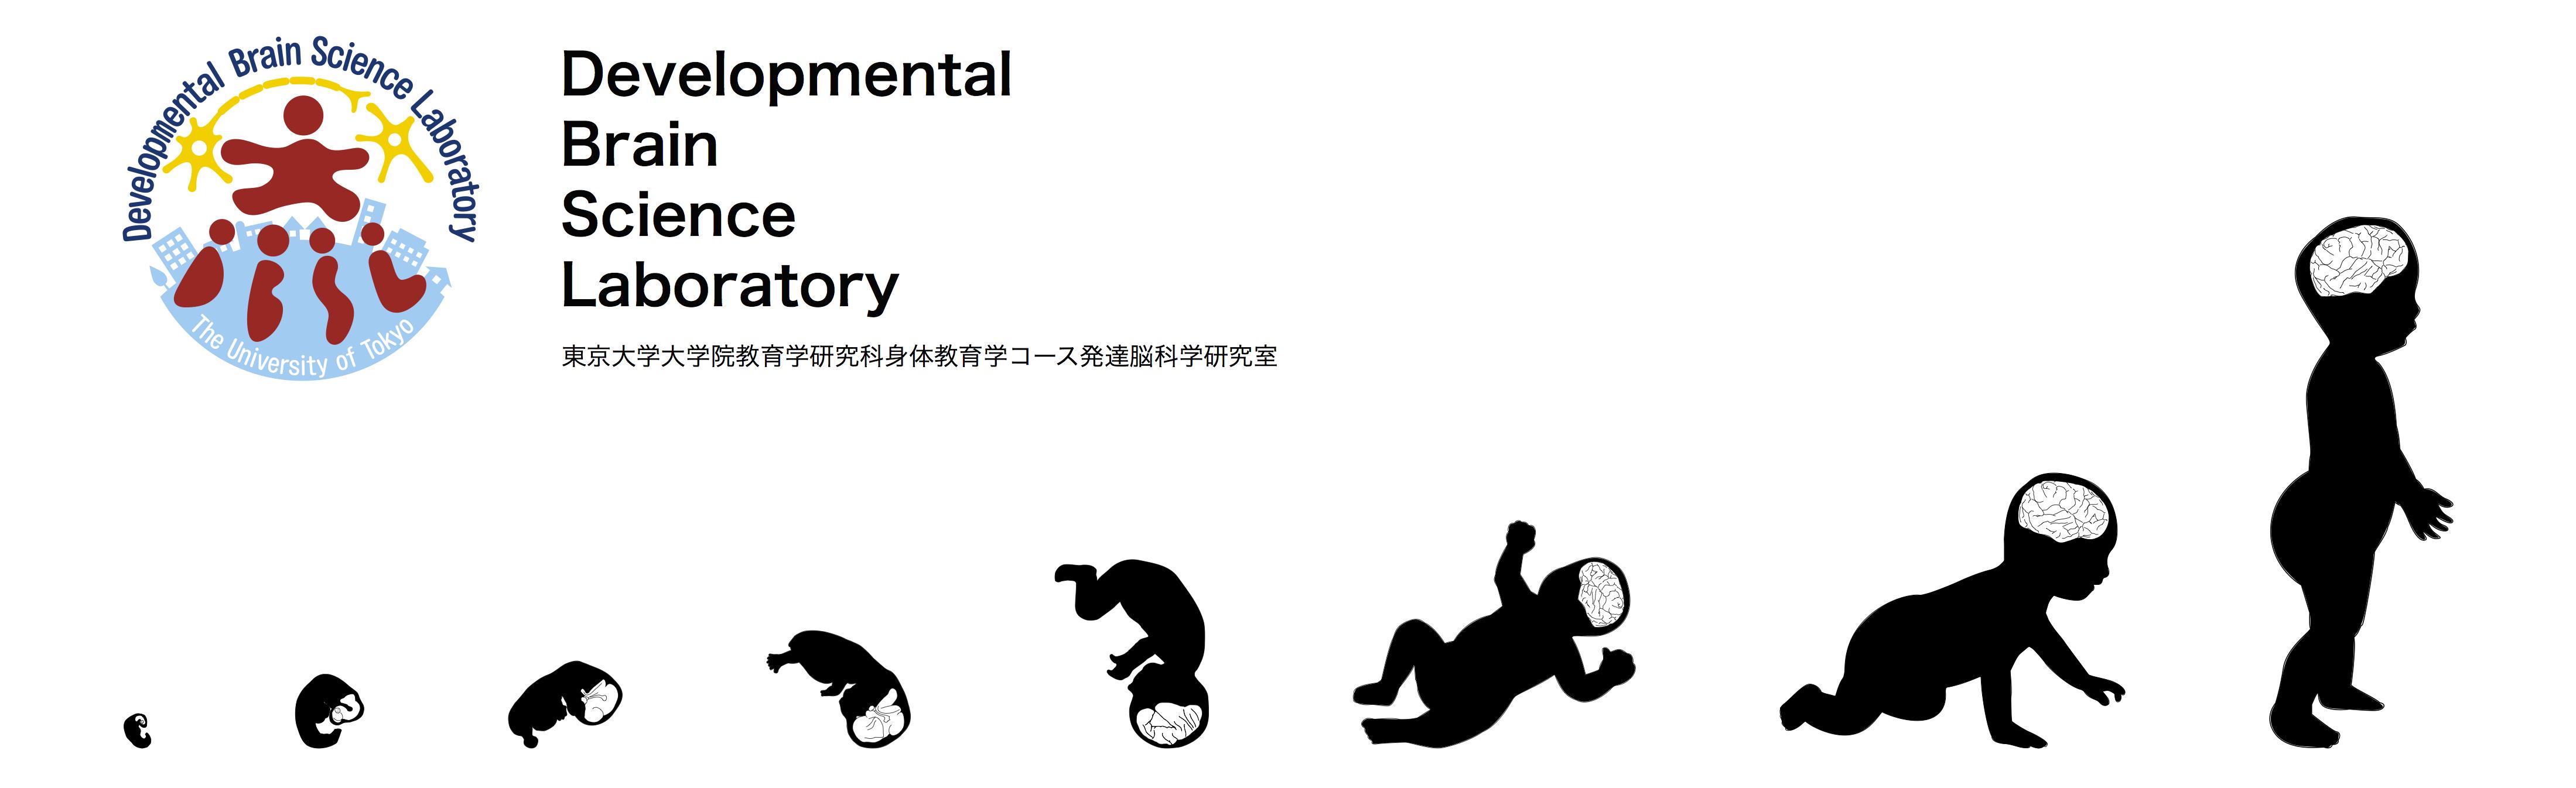 東京大学 大学院教育学研究科 発達脳科学研究室|Developmental Brain Science Laboratory